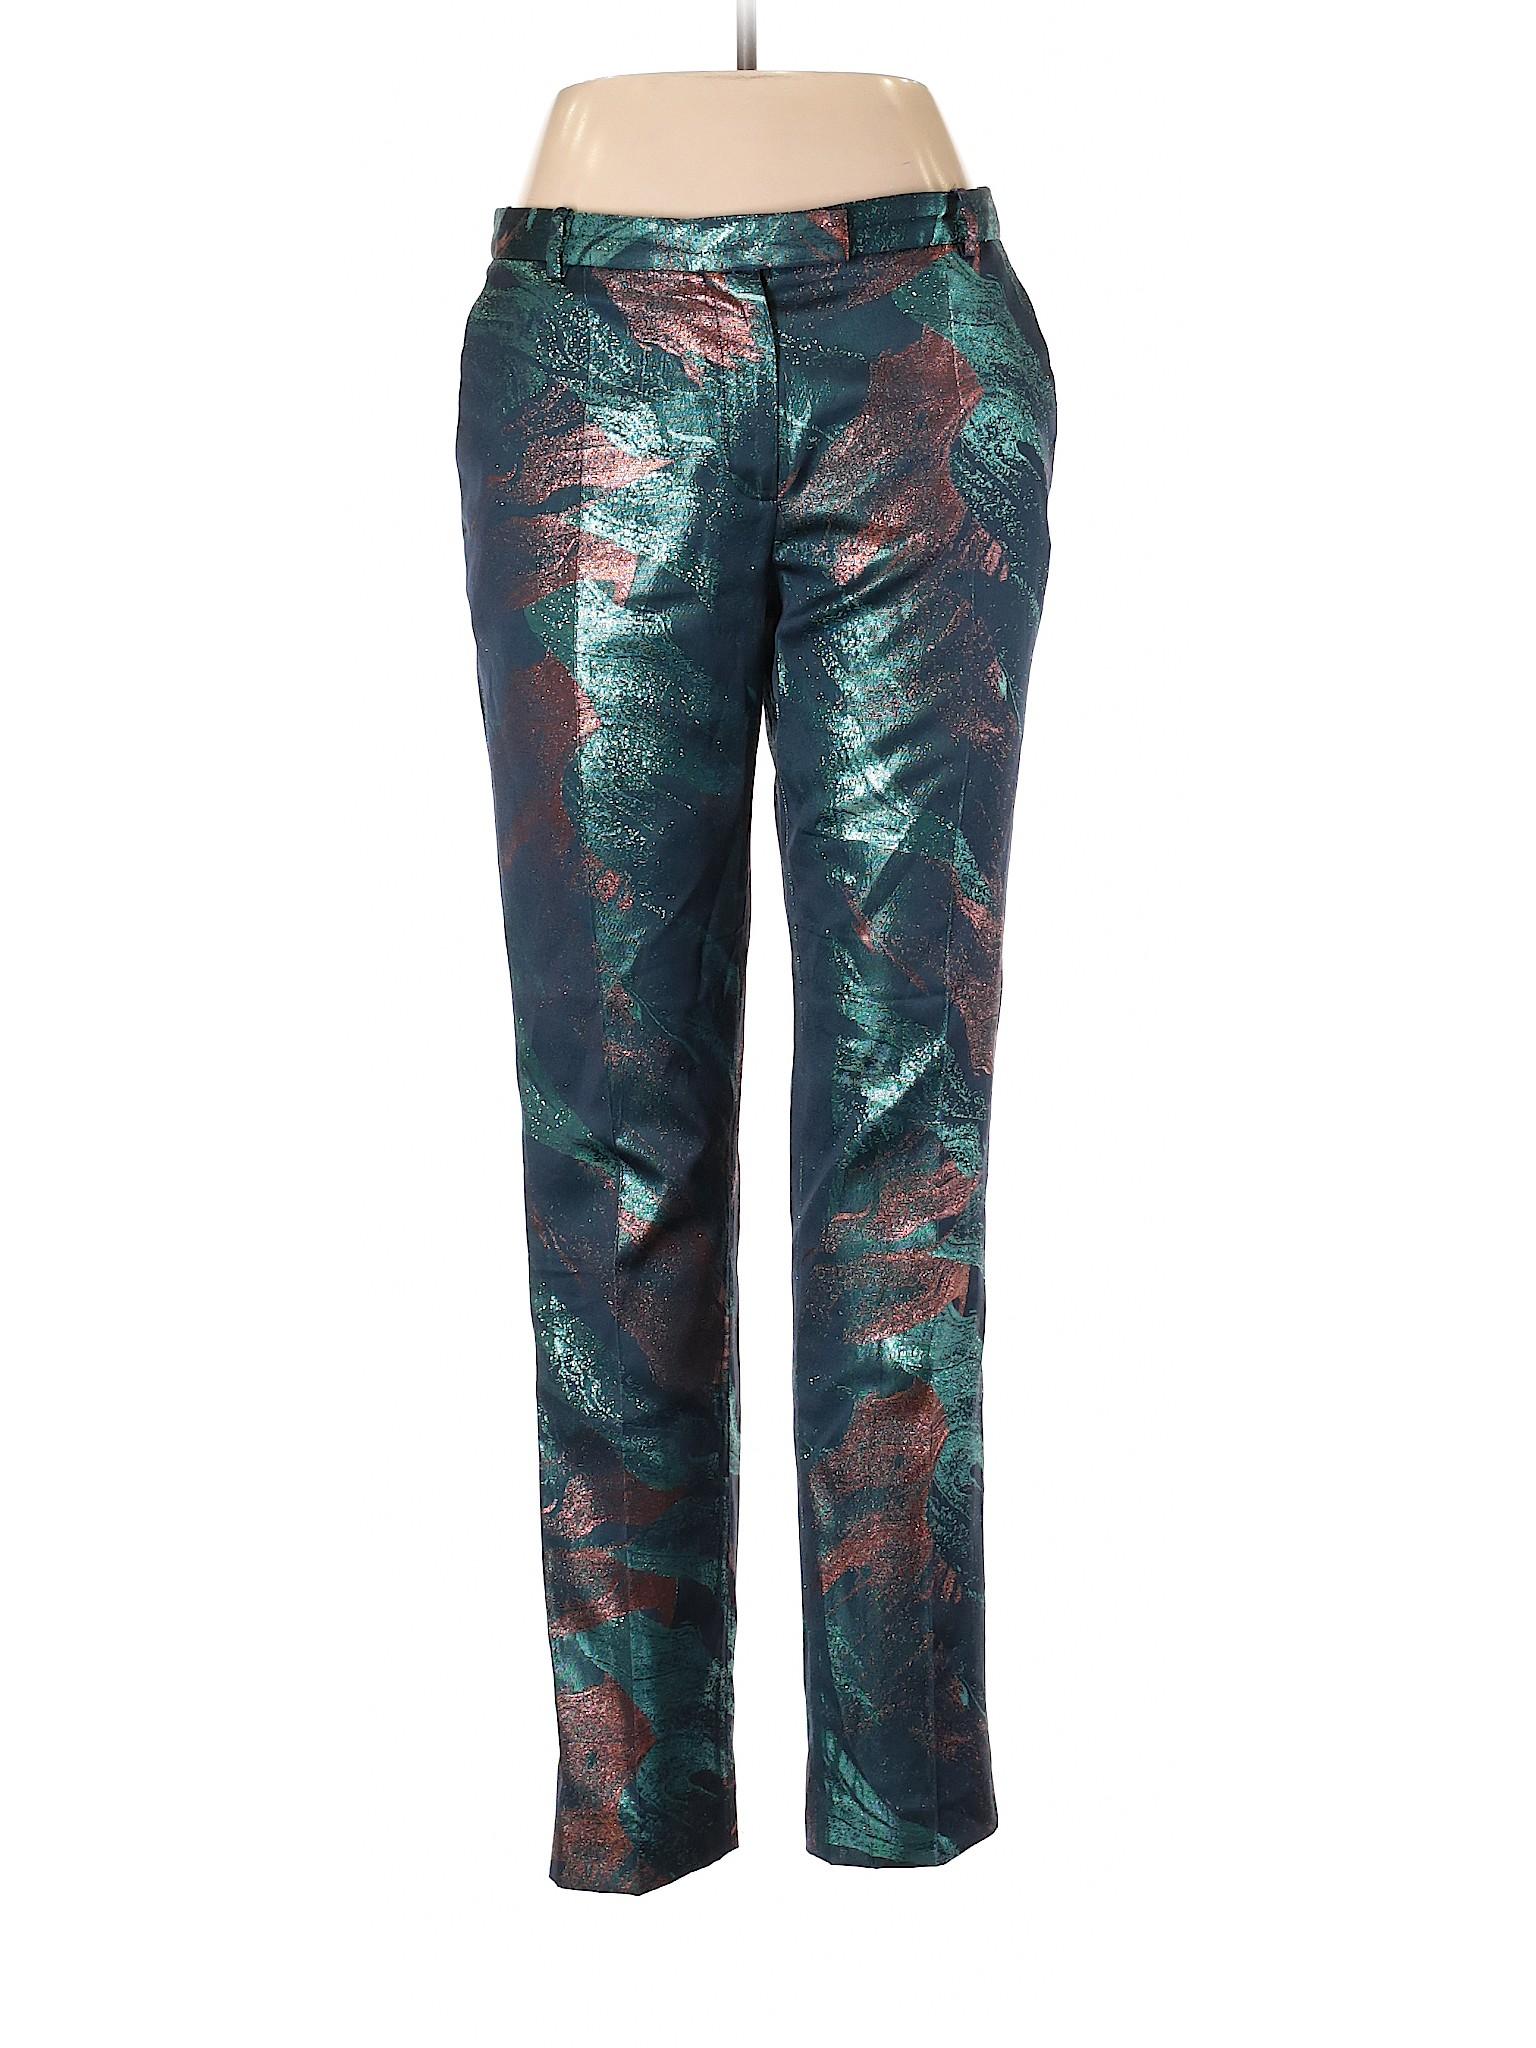 Boutique Dress Maje leisure Boutique Pants leisure 6xqnZ0w5